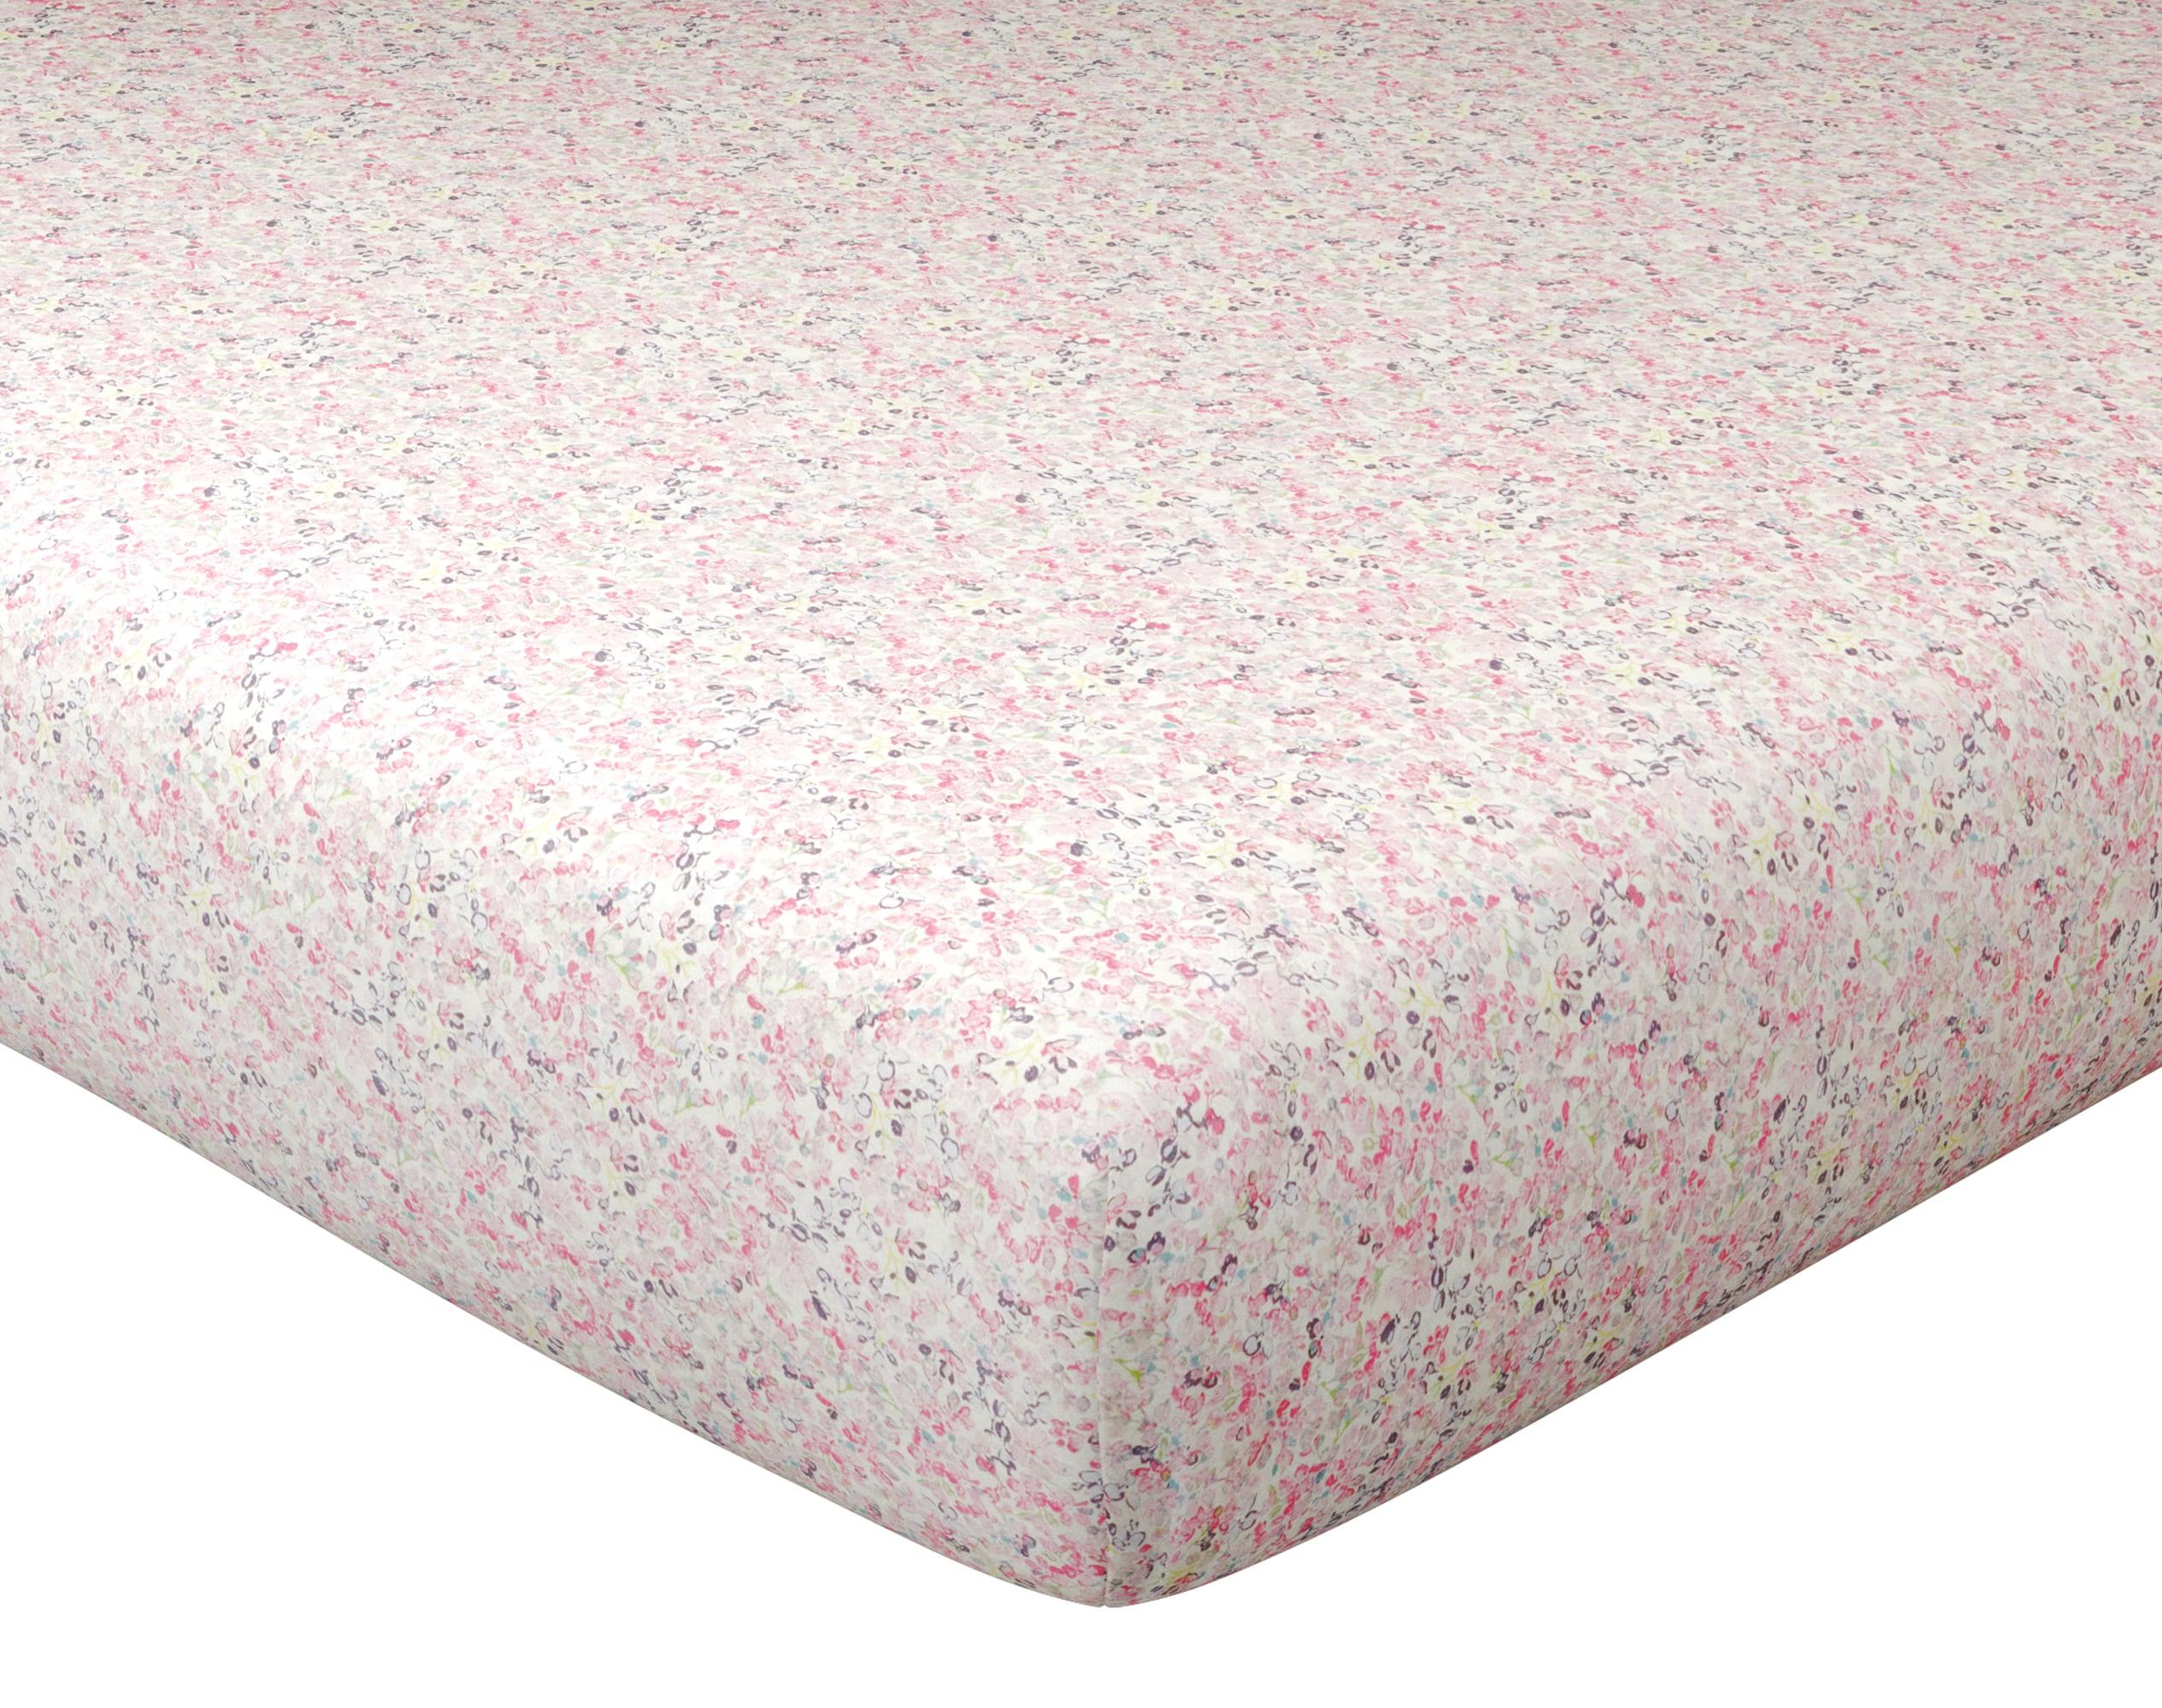 Drap-housse 140x190 en coton rose